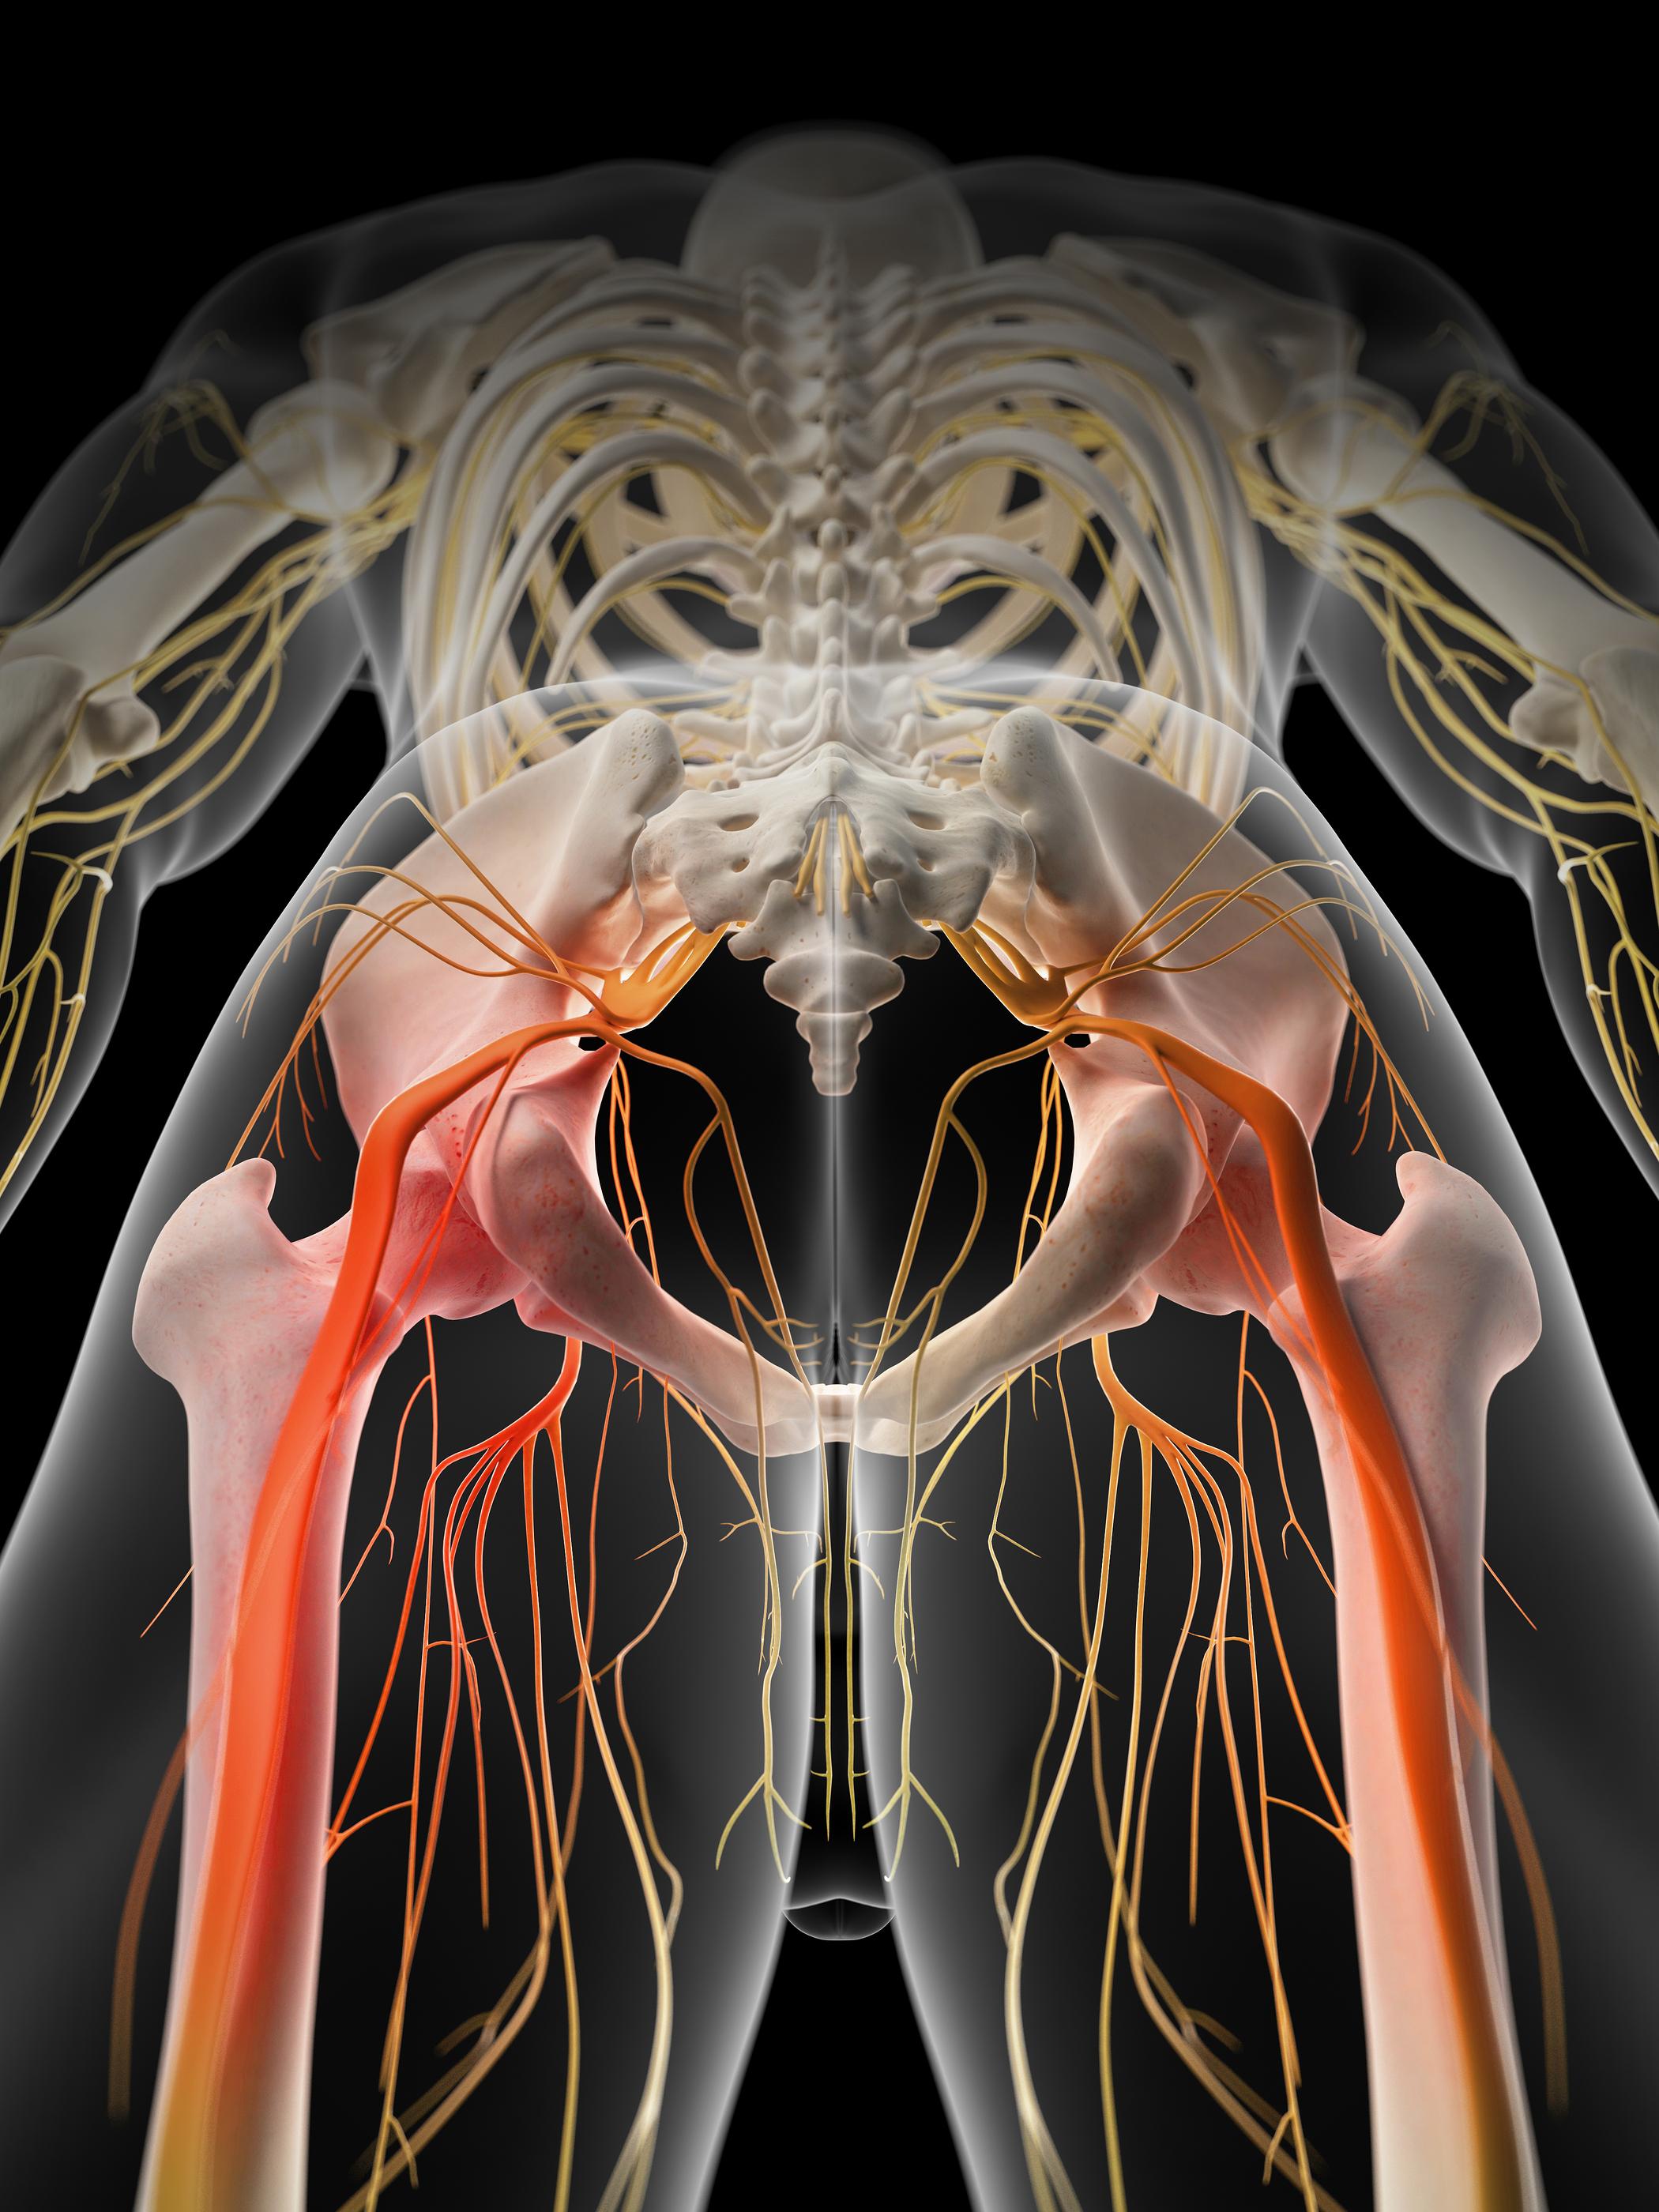 NUCCA and sciatica